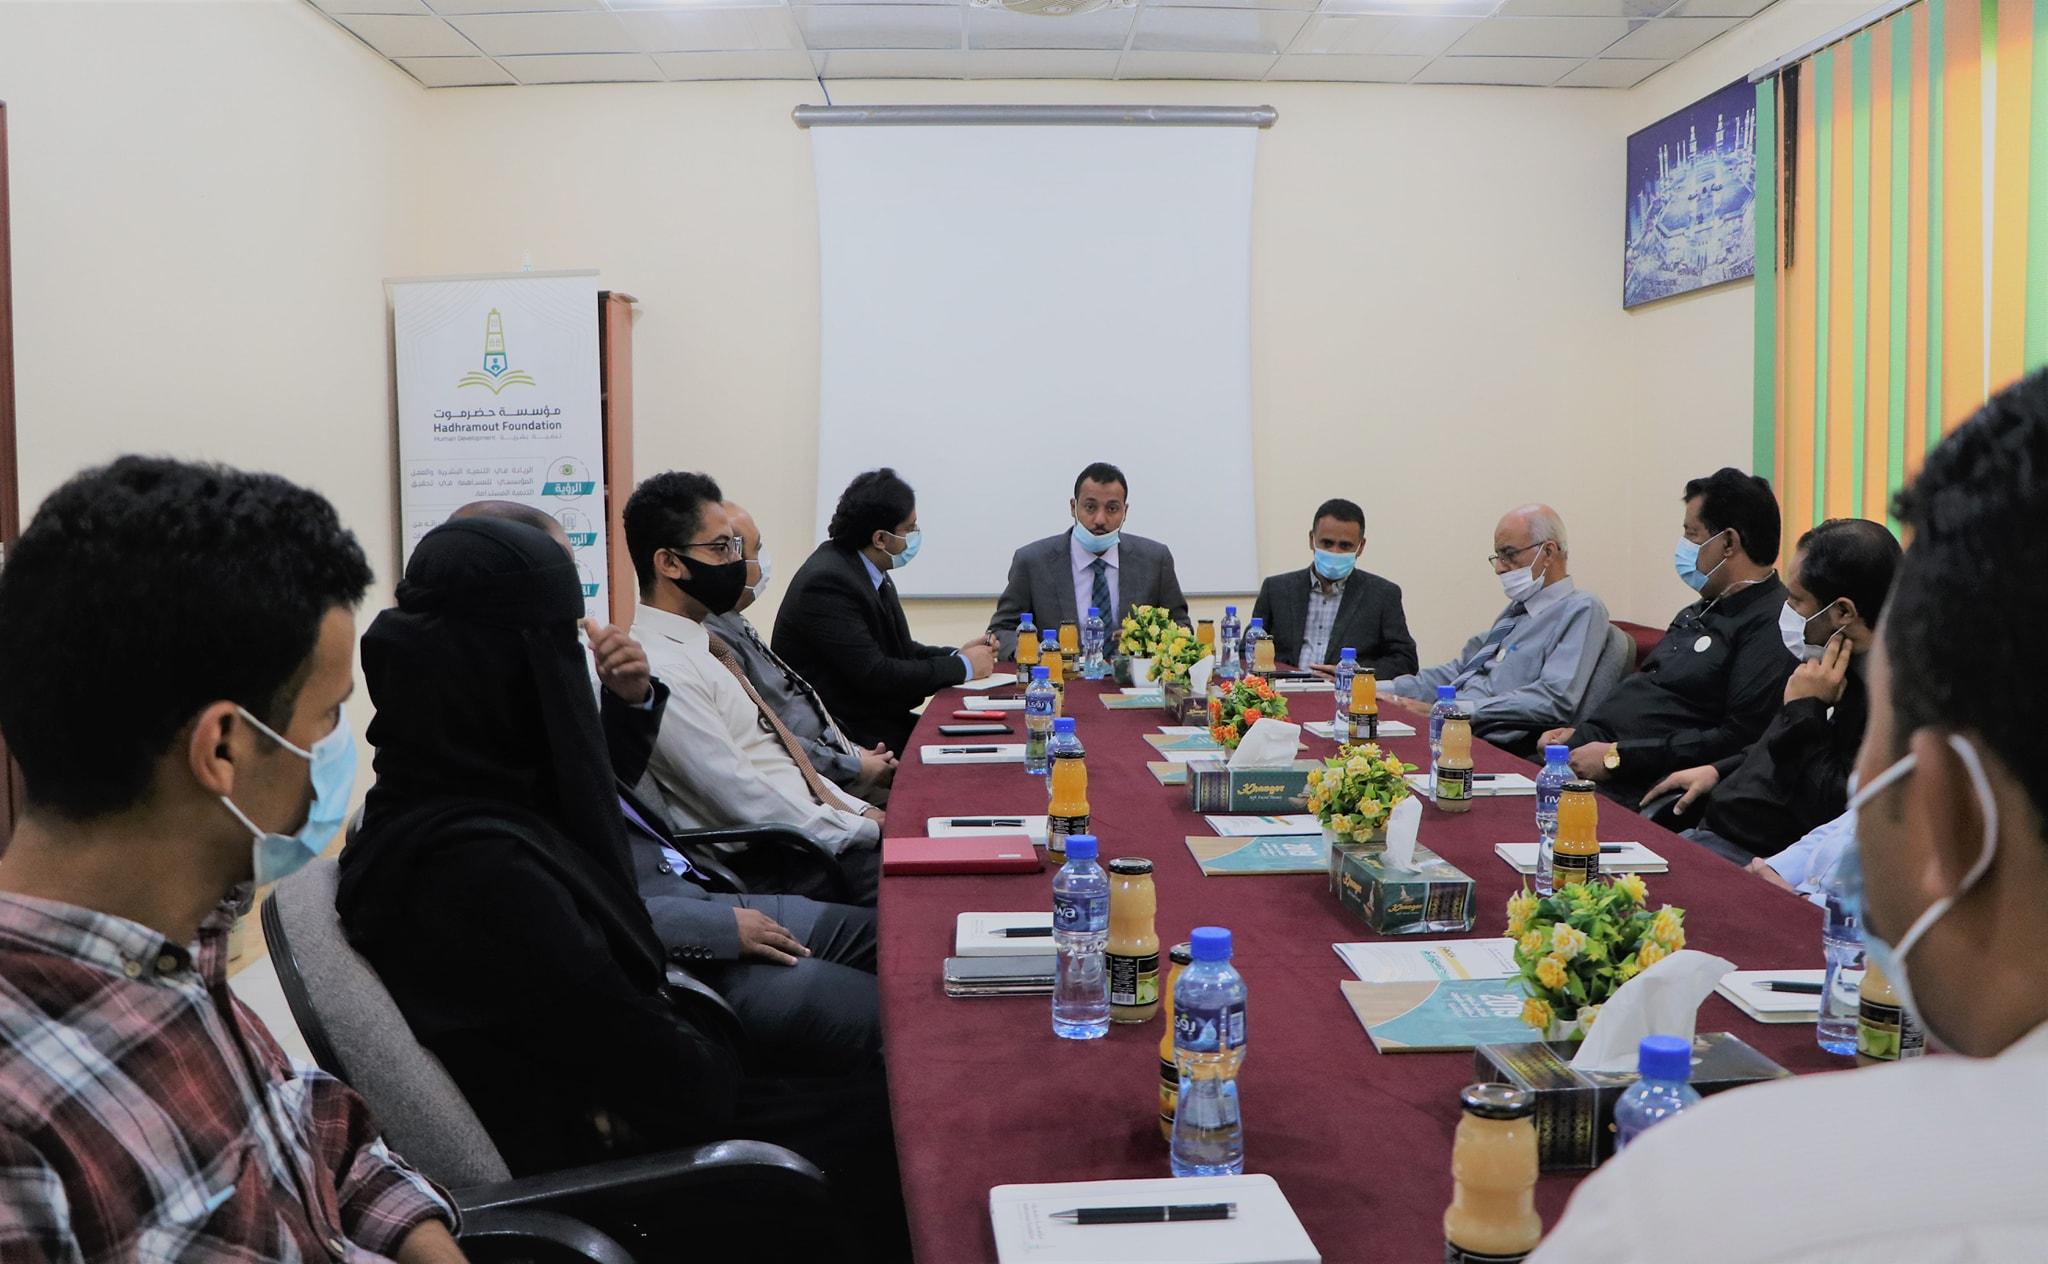 وزير التربية يبحث سبل التعاون والشراكة مع مؤسسة حضرموت- تنمية بشرية